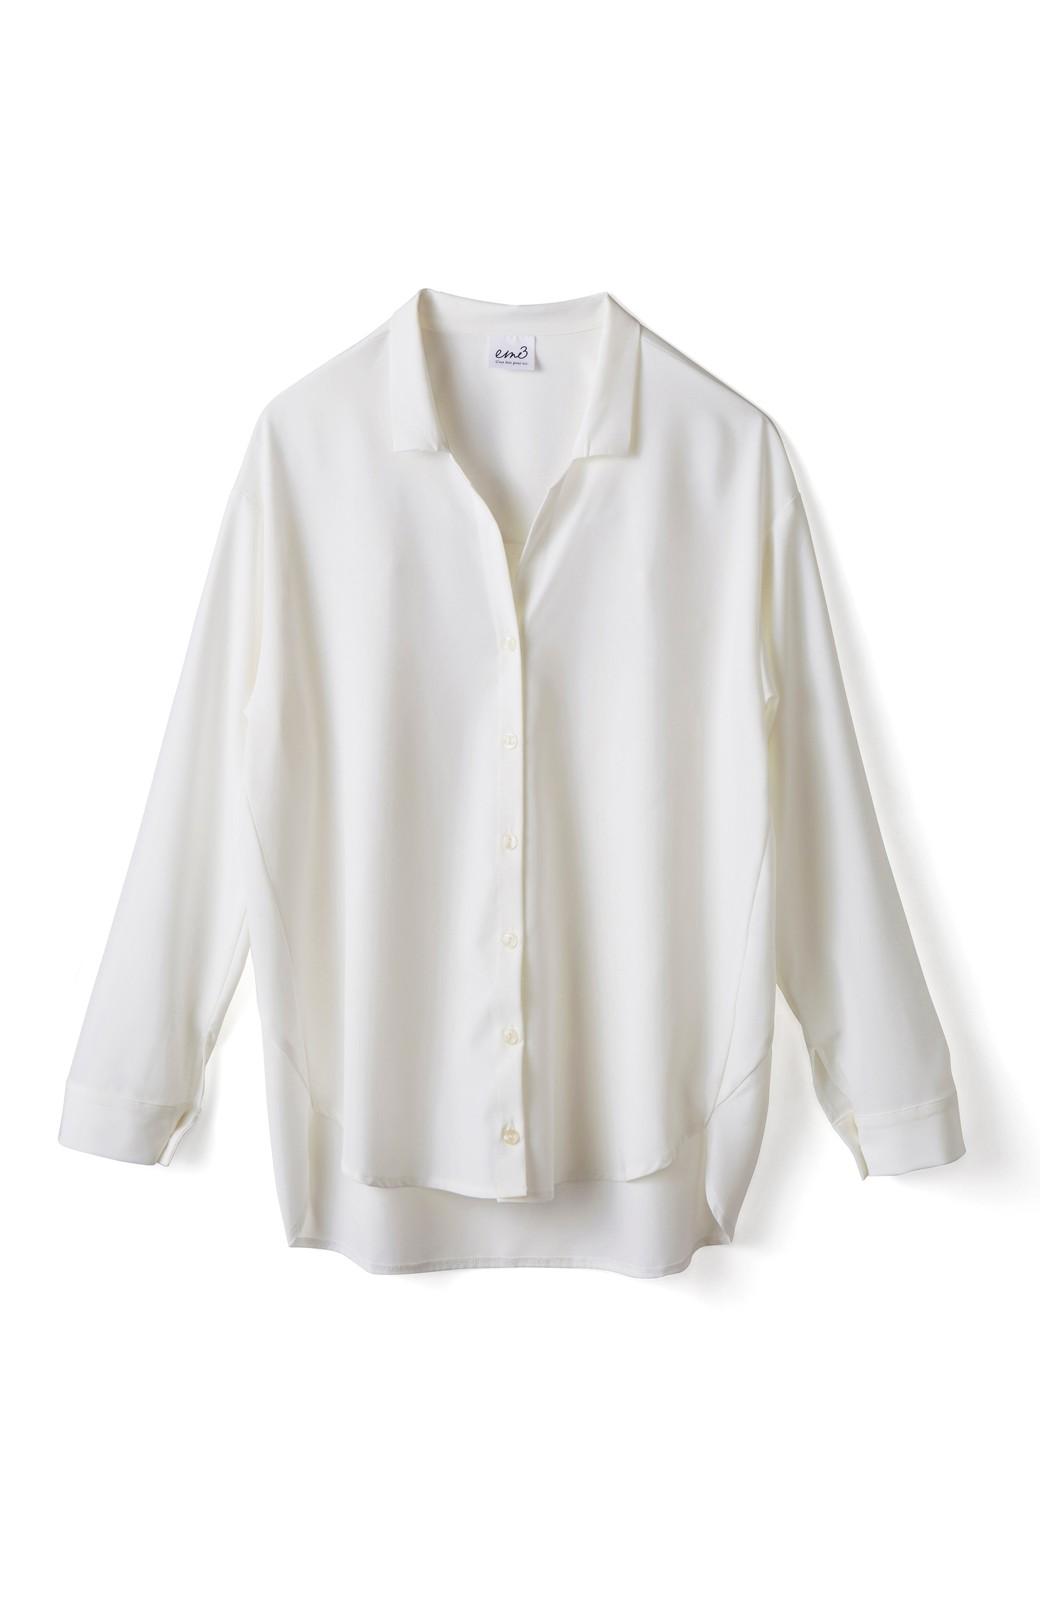 エムトロワ 女らしくてかっこいい スキッパー&抜き衿のとろみシャツ <ホワイト>の商品写真2